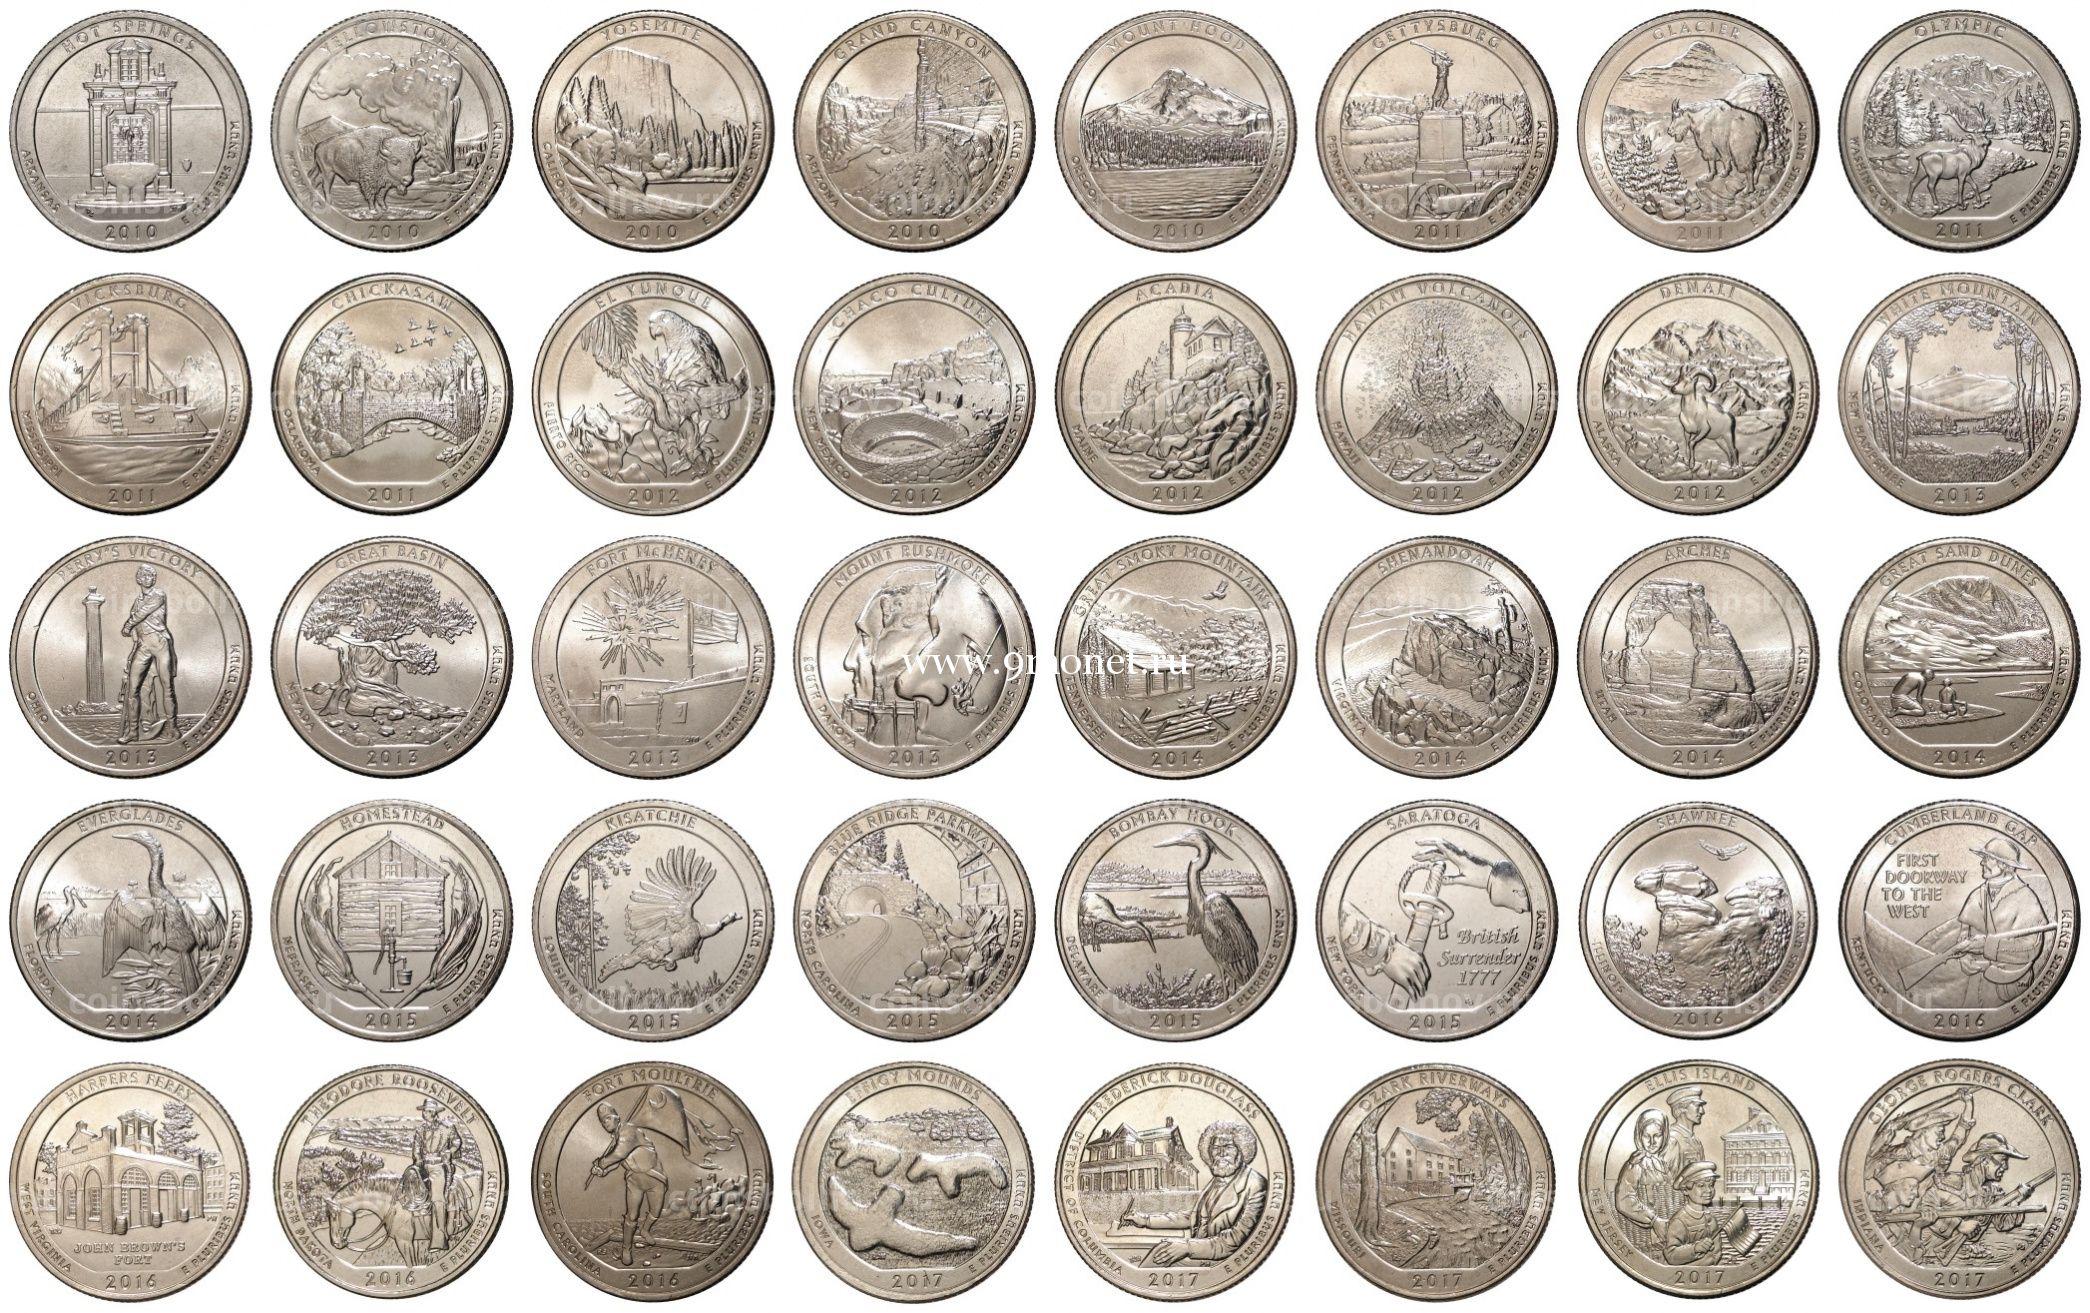 Набор монет 25 центов США национальные парки 2010-2020 г.